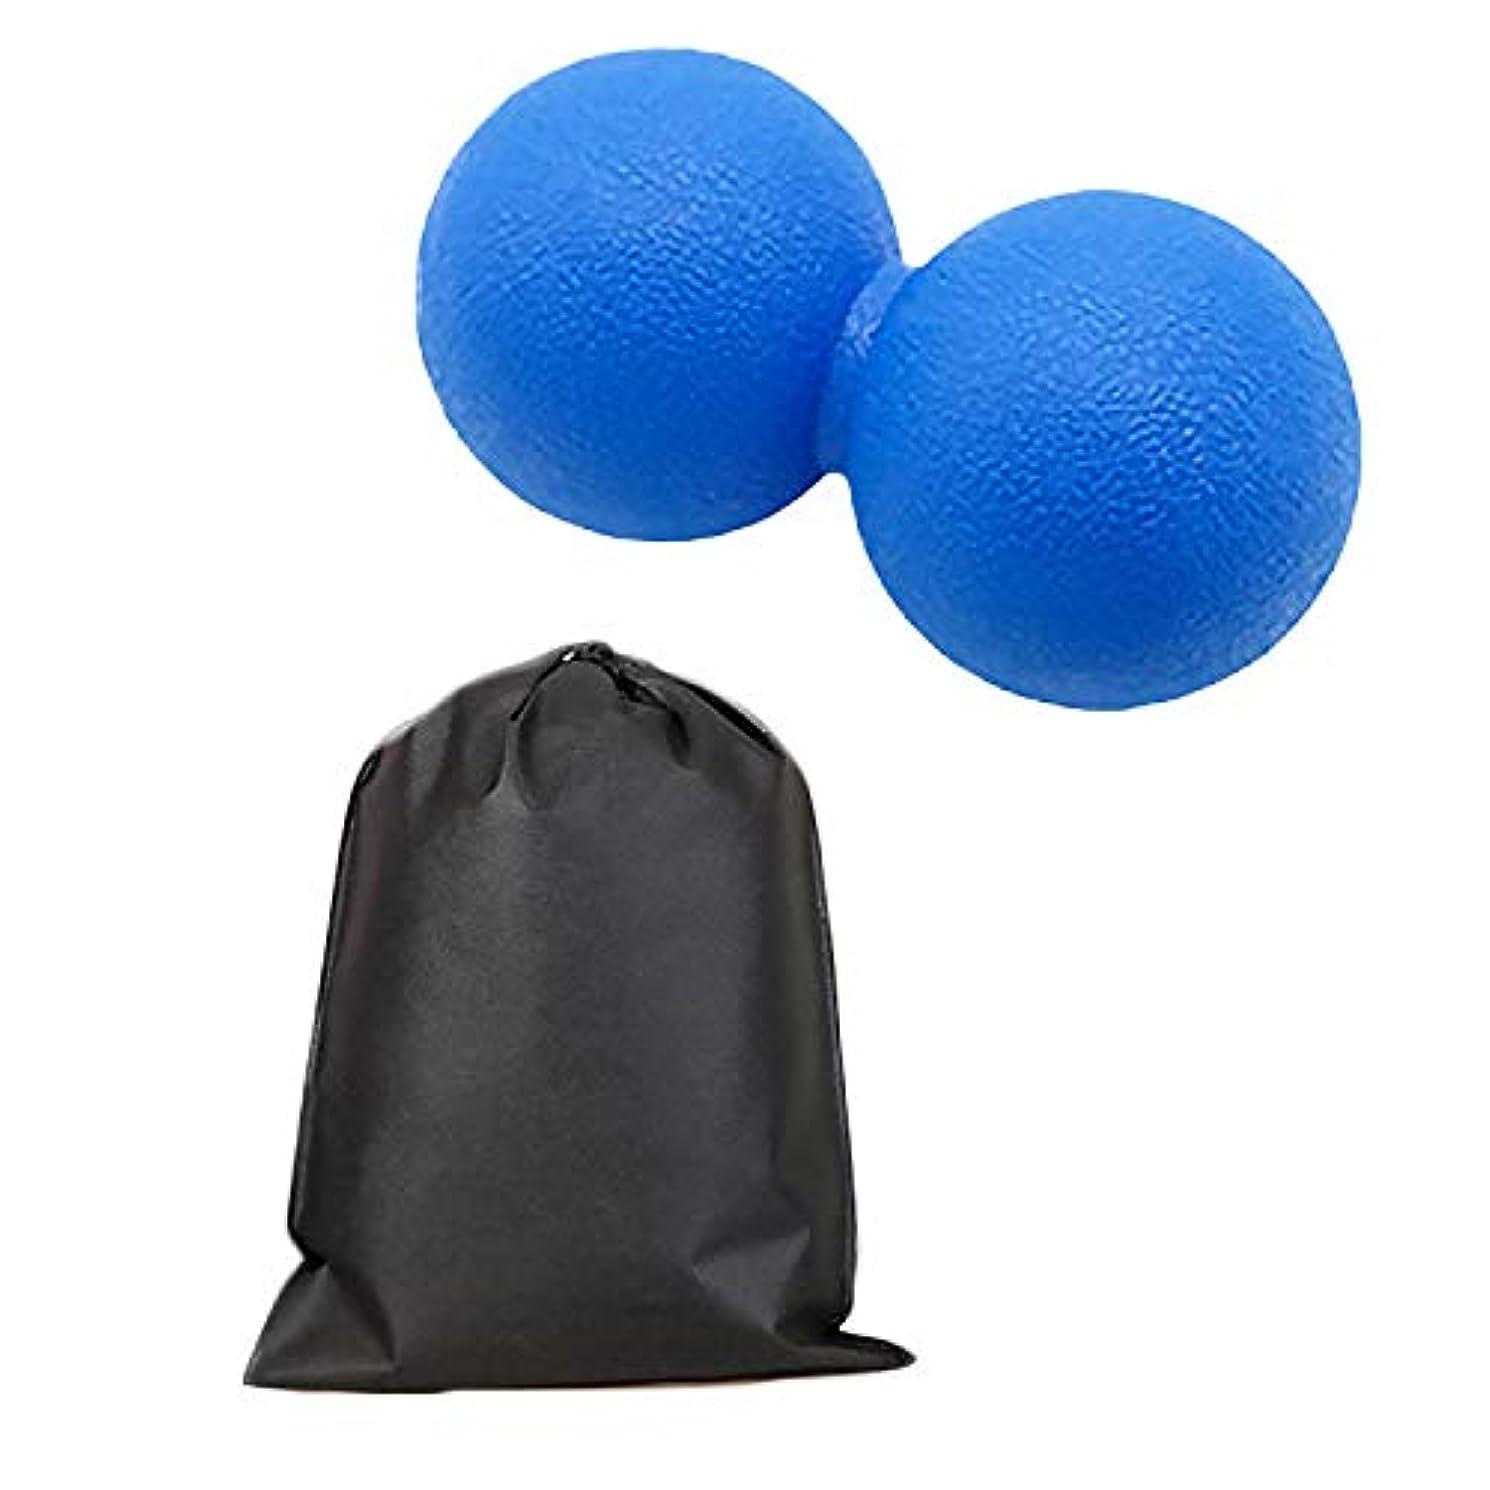 火政治家楽しいMigavan マッサージボールローラーバックマッサージボール収納袋が付いているピーナツマッサージのローラーボールのマッサージャー